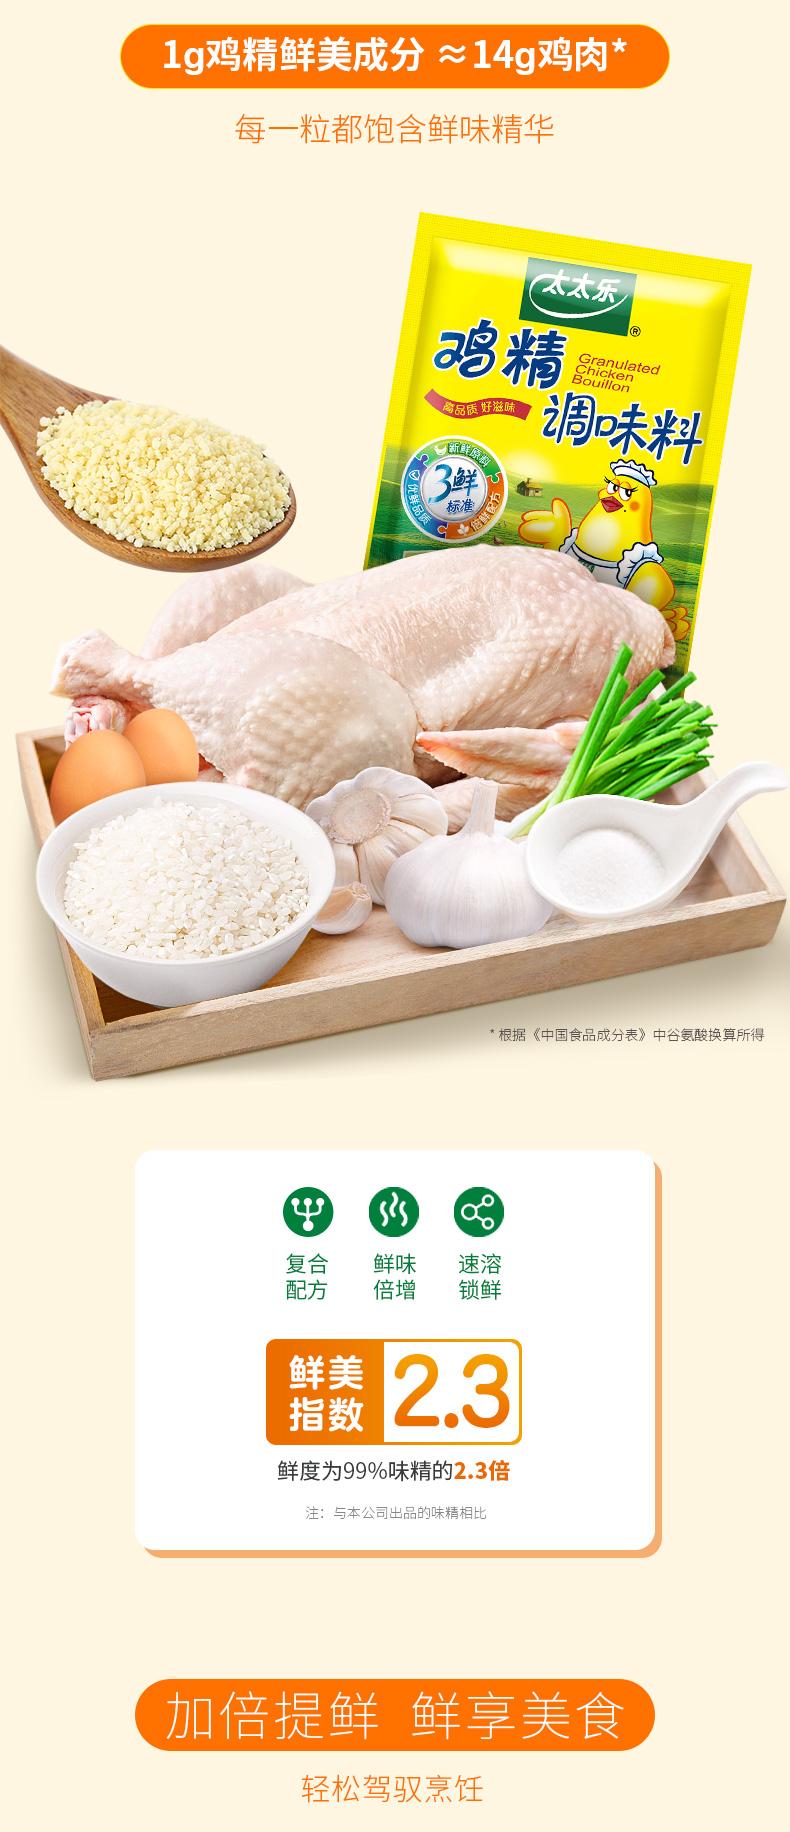 太太乐三鲜鸡精袋麵条煲汤调味品调味料调料详细照片